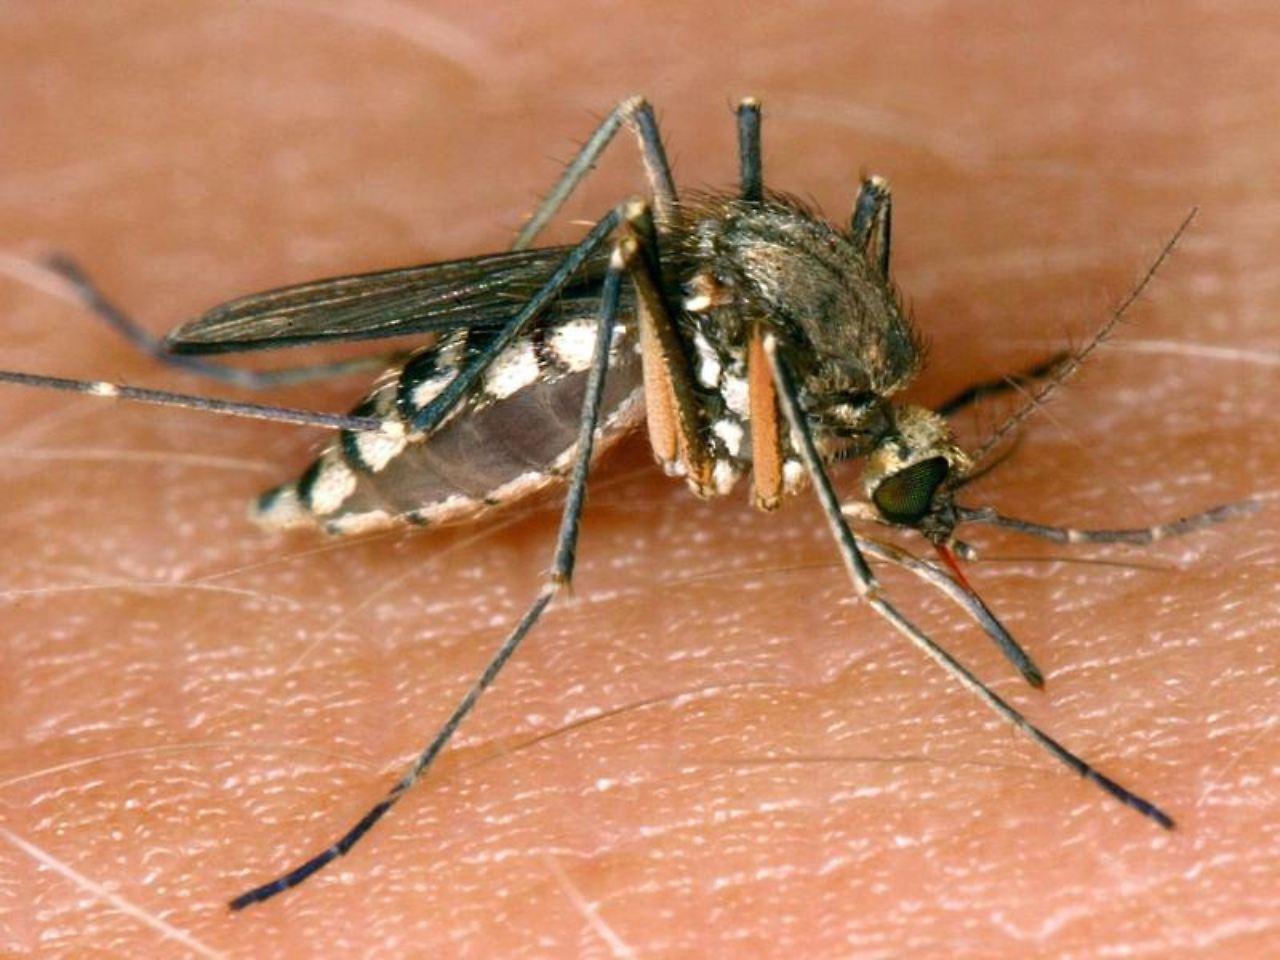 Was gegen die Insekten hilft: Nach der Flut kommen die Mücken - n-tv.de